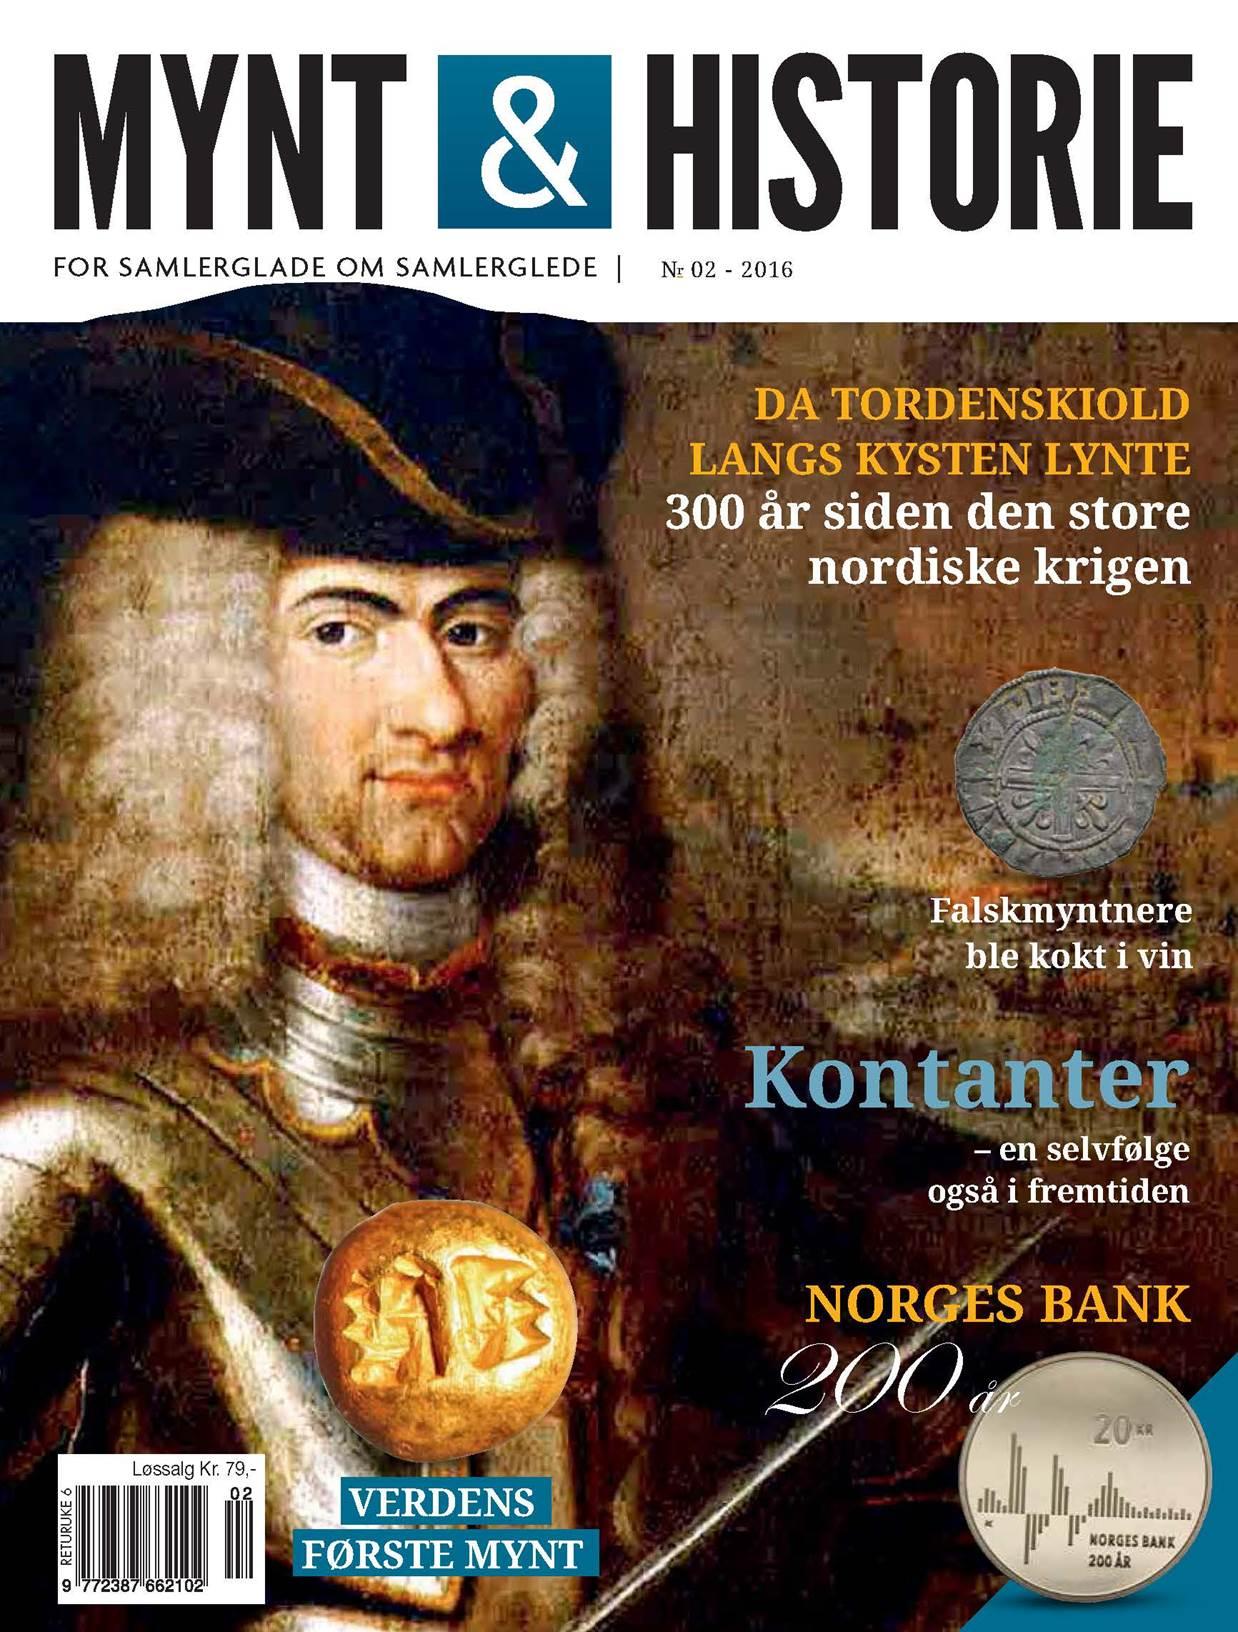 Mynt & Historie 2 2016 med Tordenskiold og Den store nordiske krigen, falskmyntere som ble kokt i vin og verdens eldste mynt